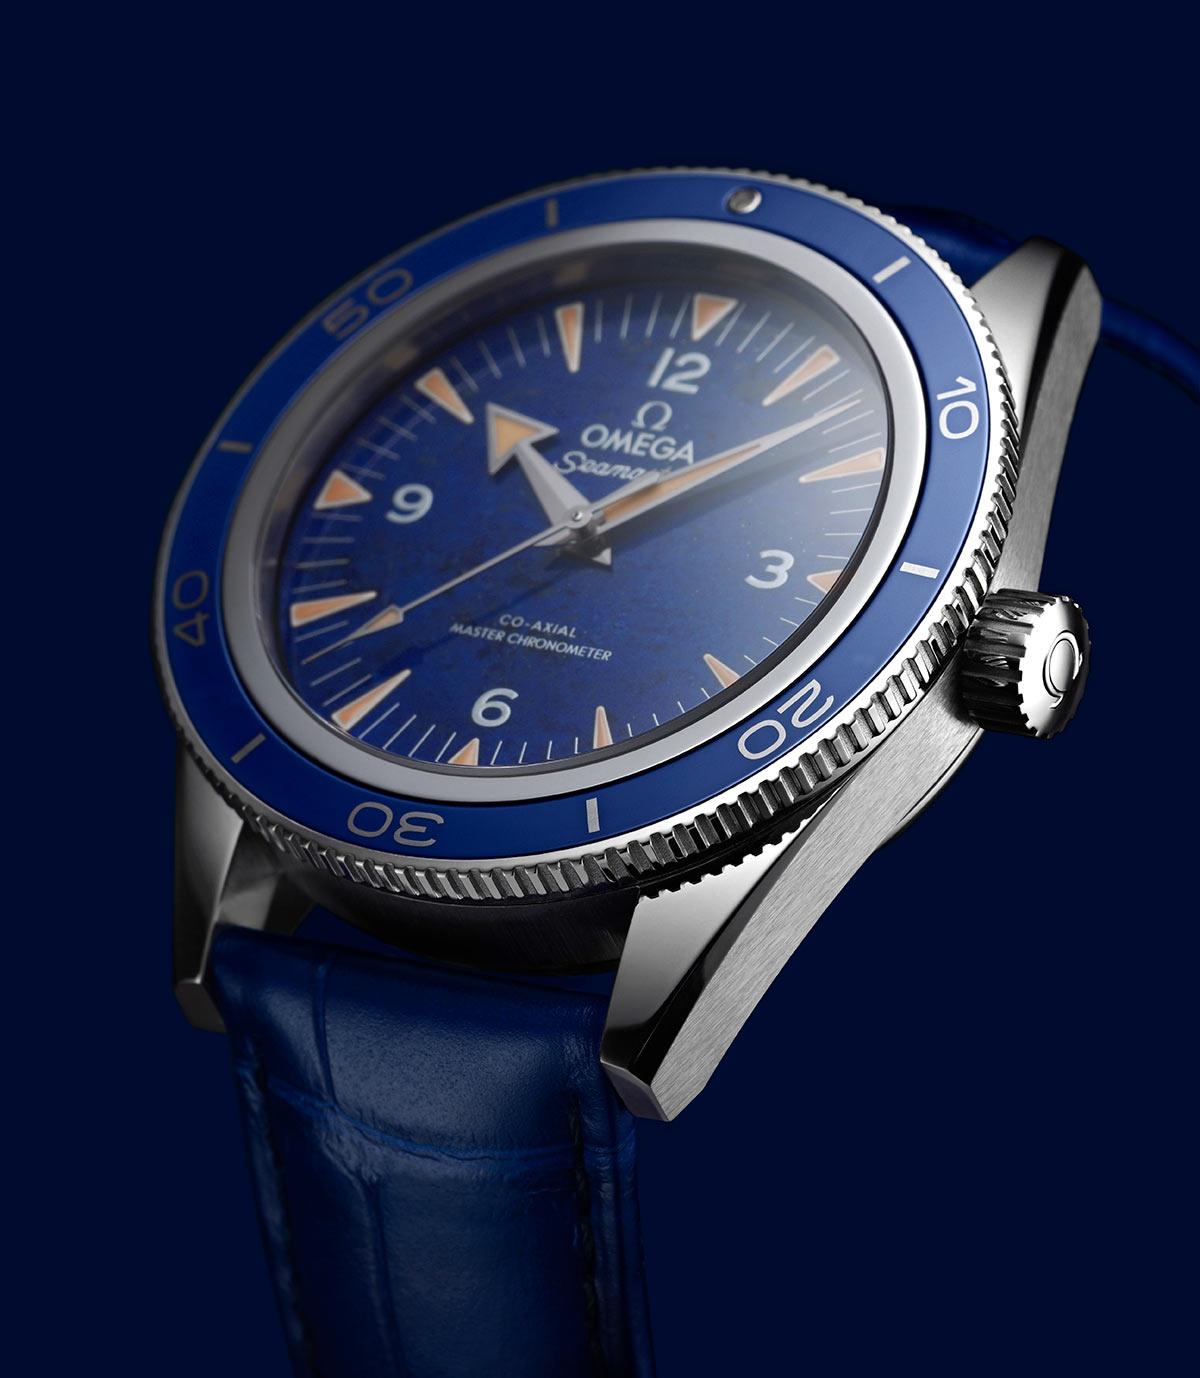 Omega-Seamaster-300-Lapis-Lazuli-234.93.